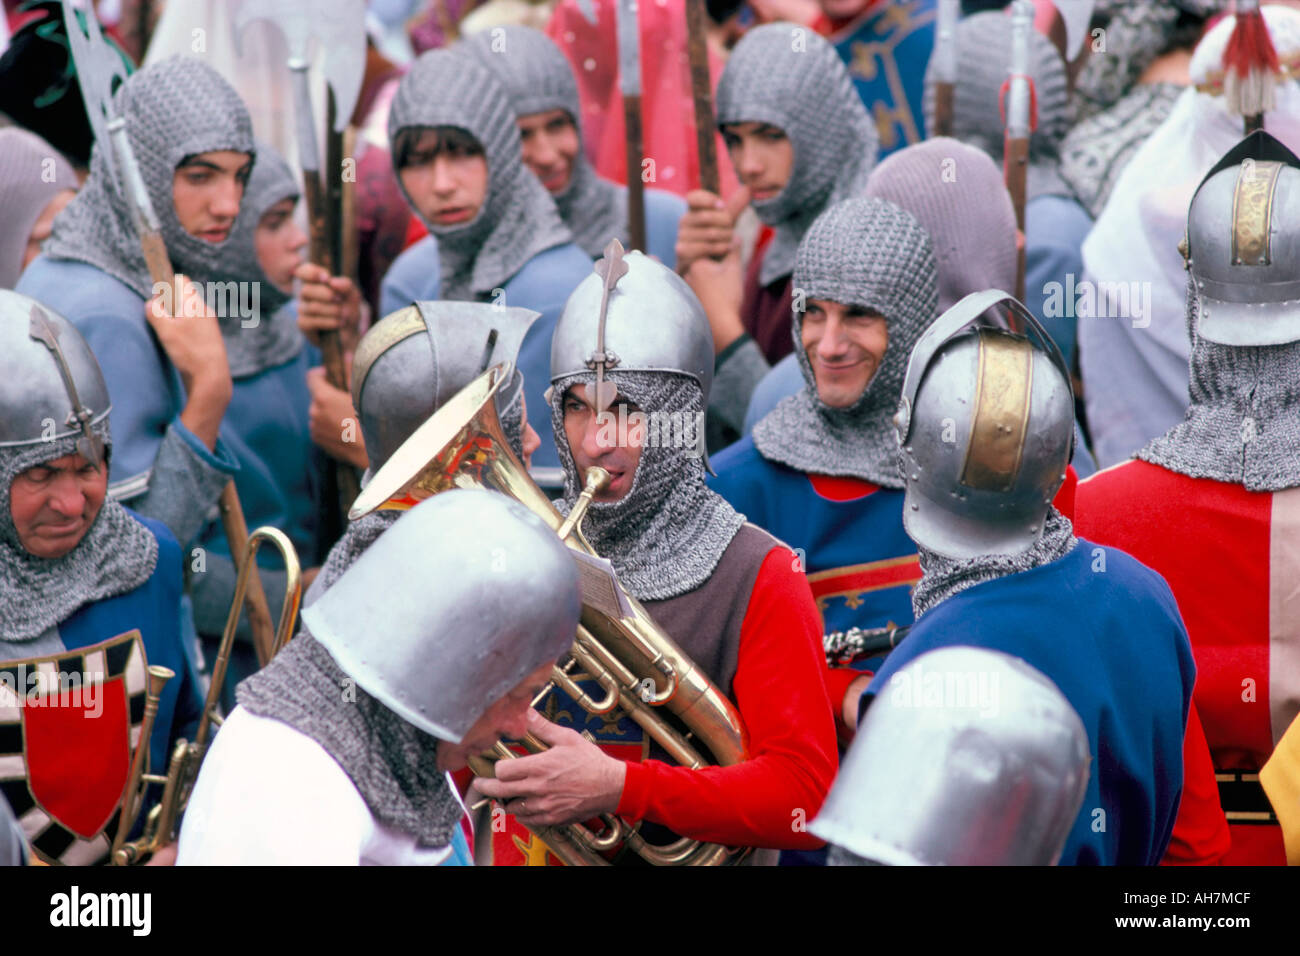 Middle Ages festival held on 7th August Port de La Flotte Ile de Re Charente Maritime France Europe - Stock Image